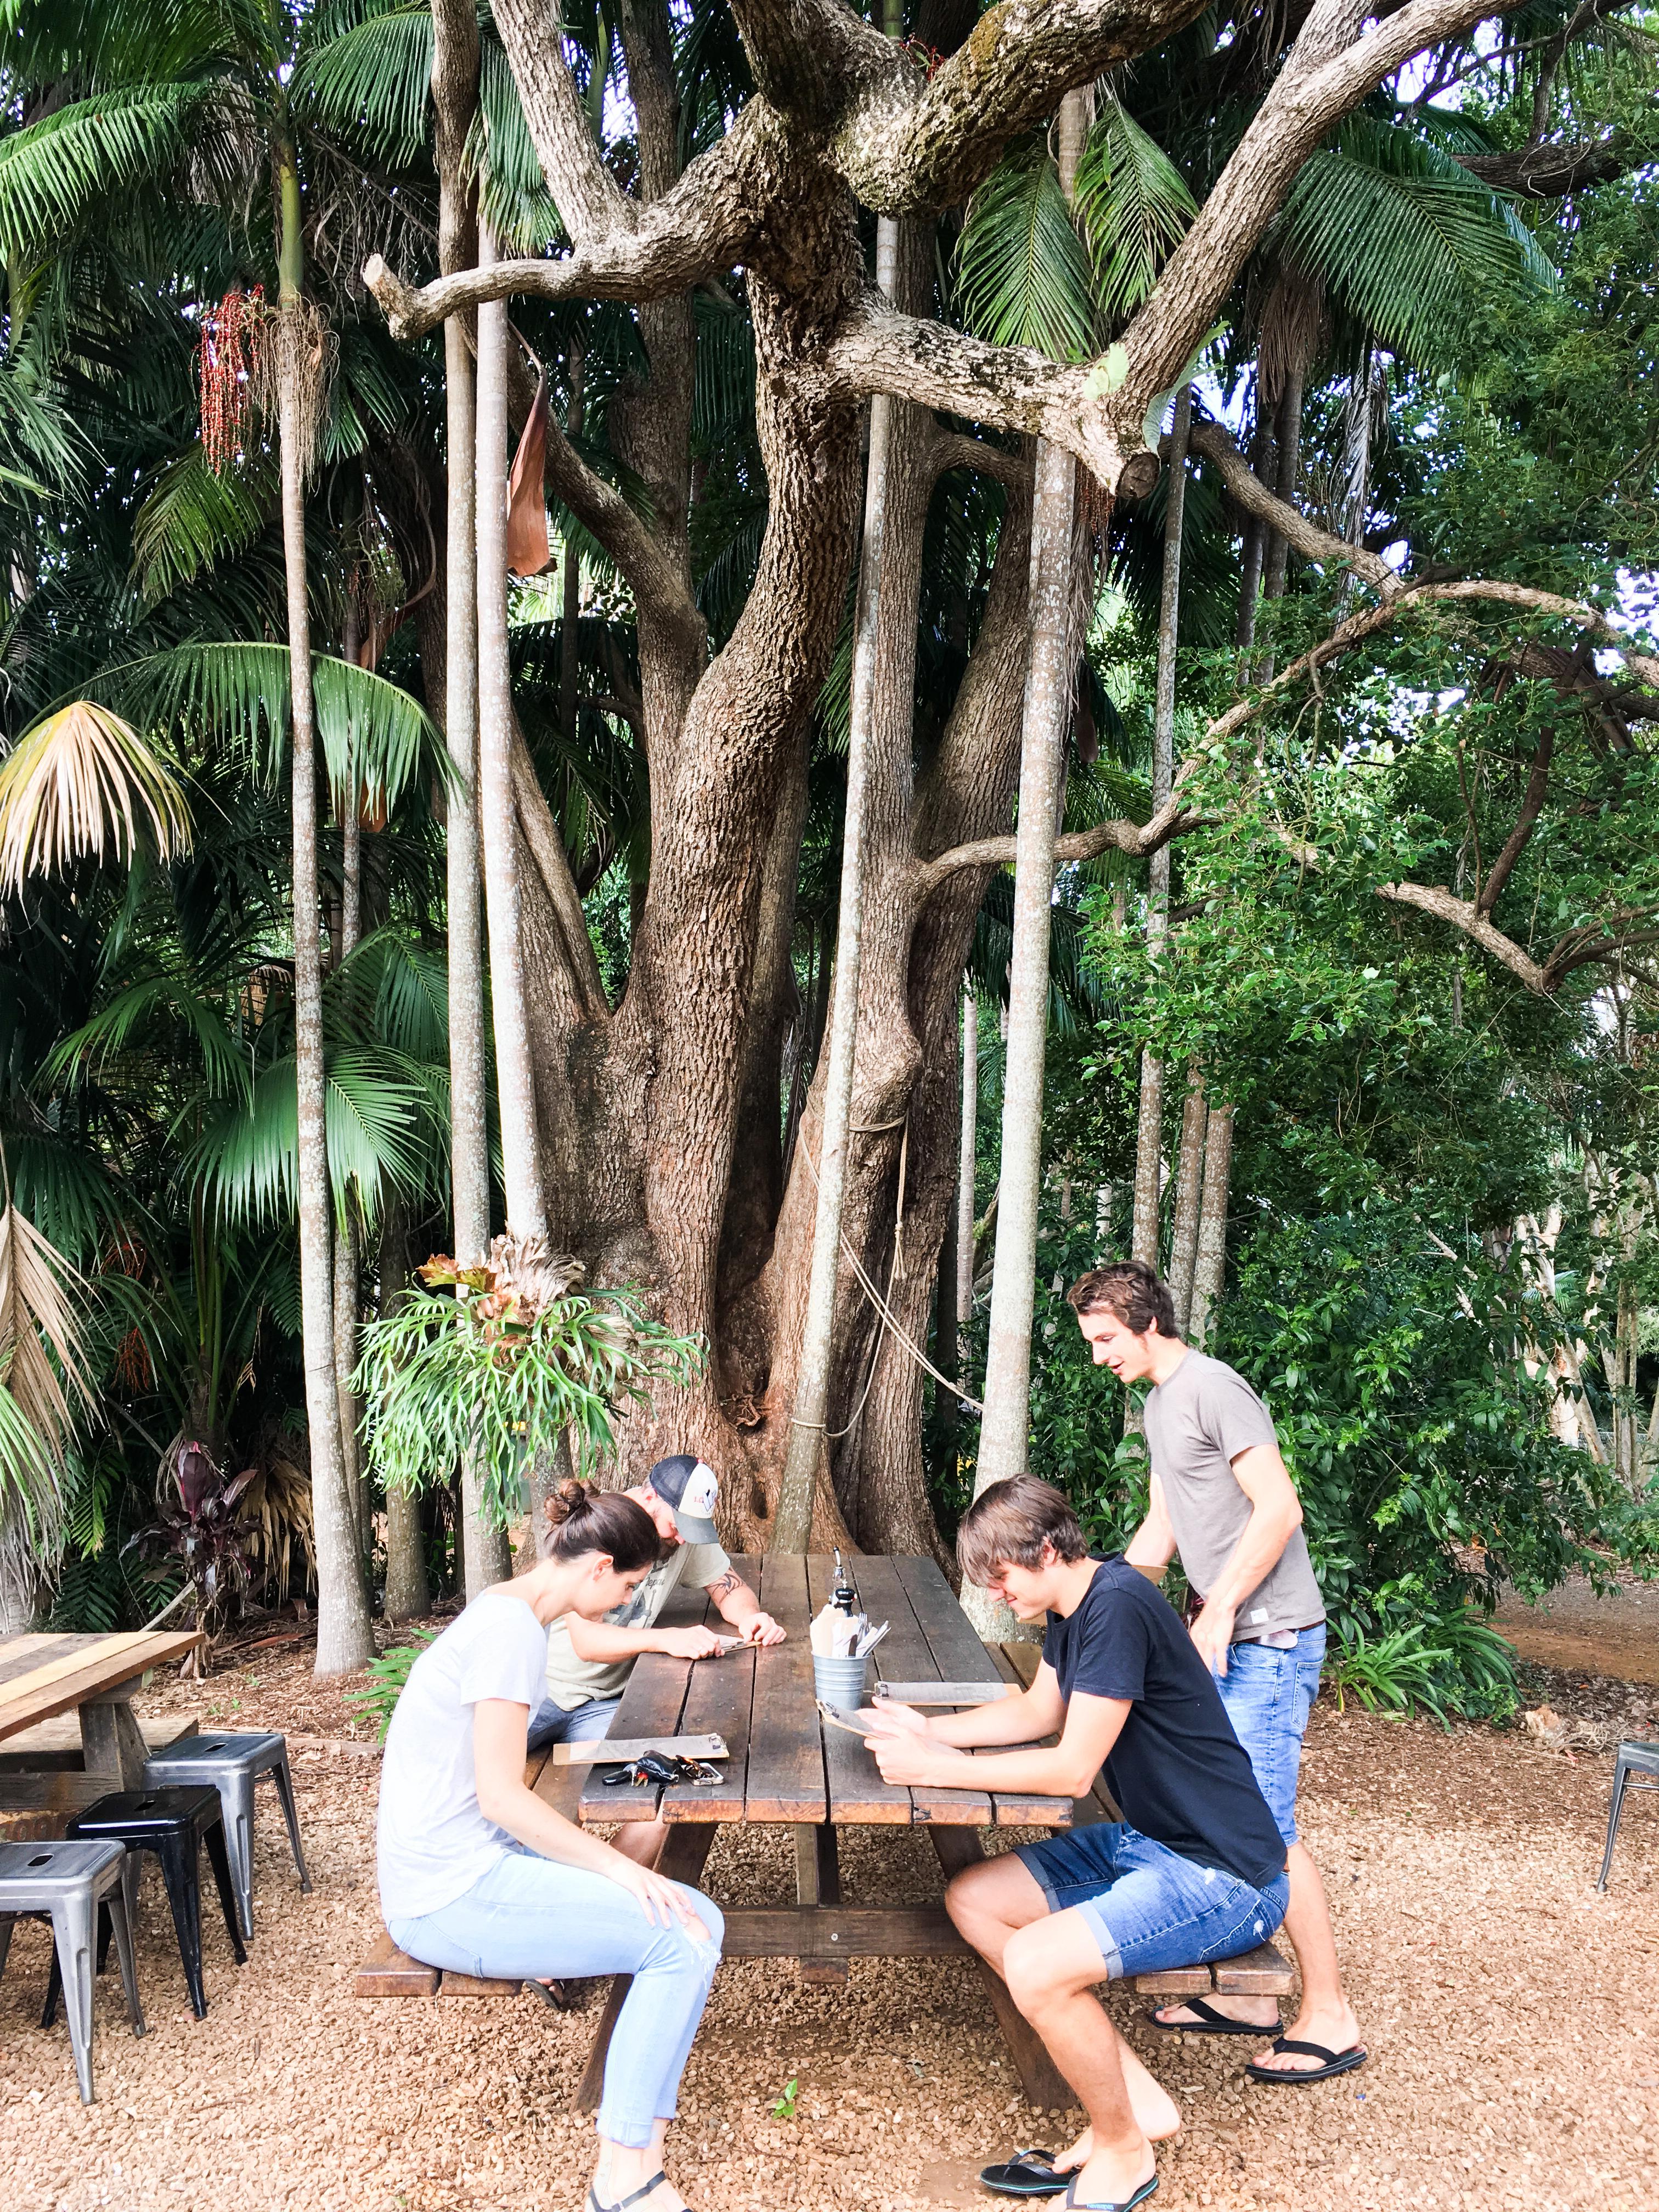 Linn-Dubh - Kaffee und Frühstück - die besten Spots in Byron Bay und Umgebung